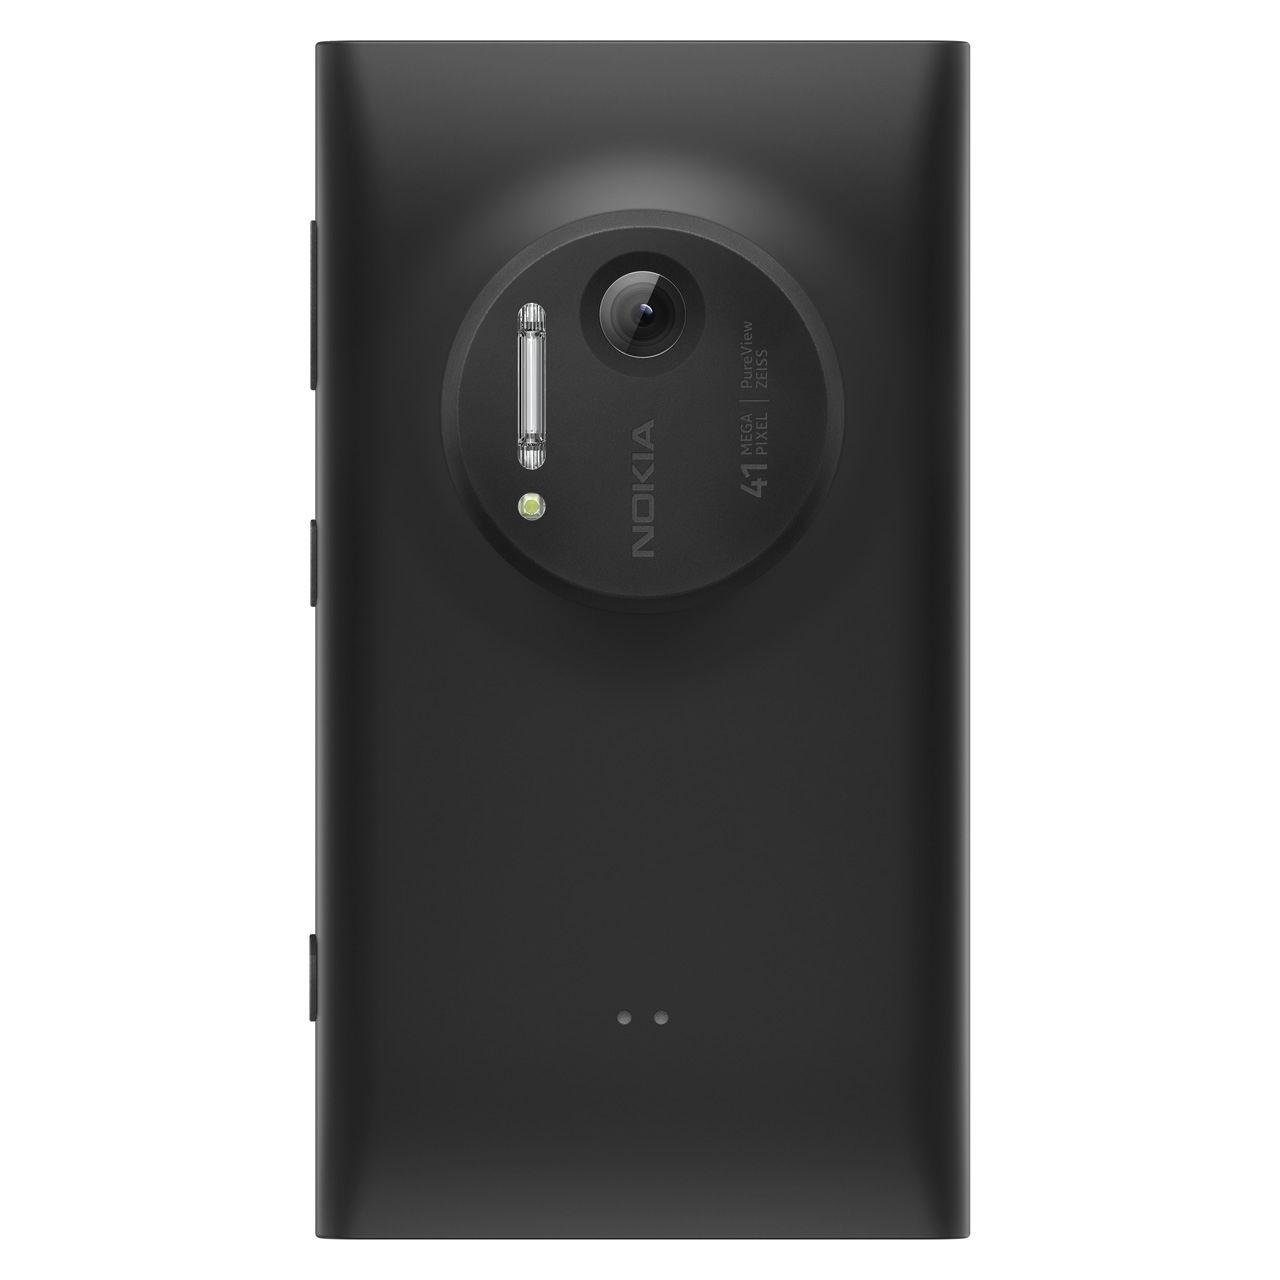 Nokia-Lumia-1020-5